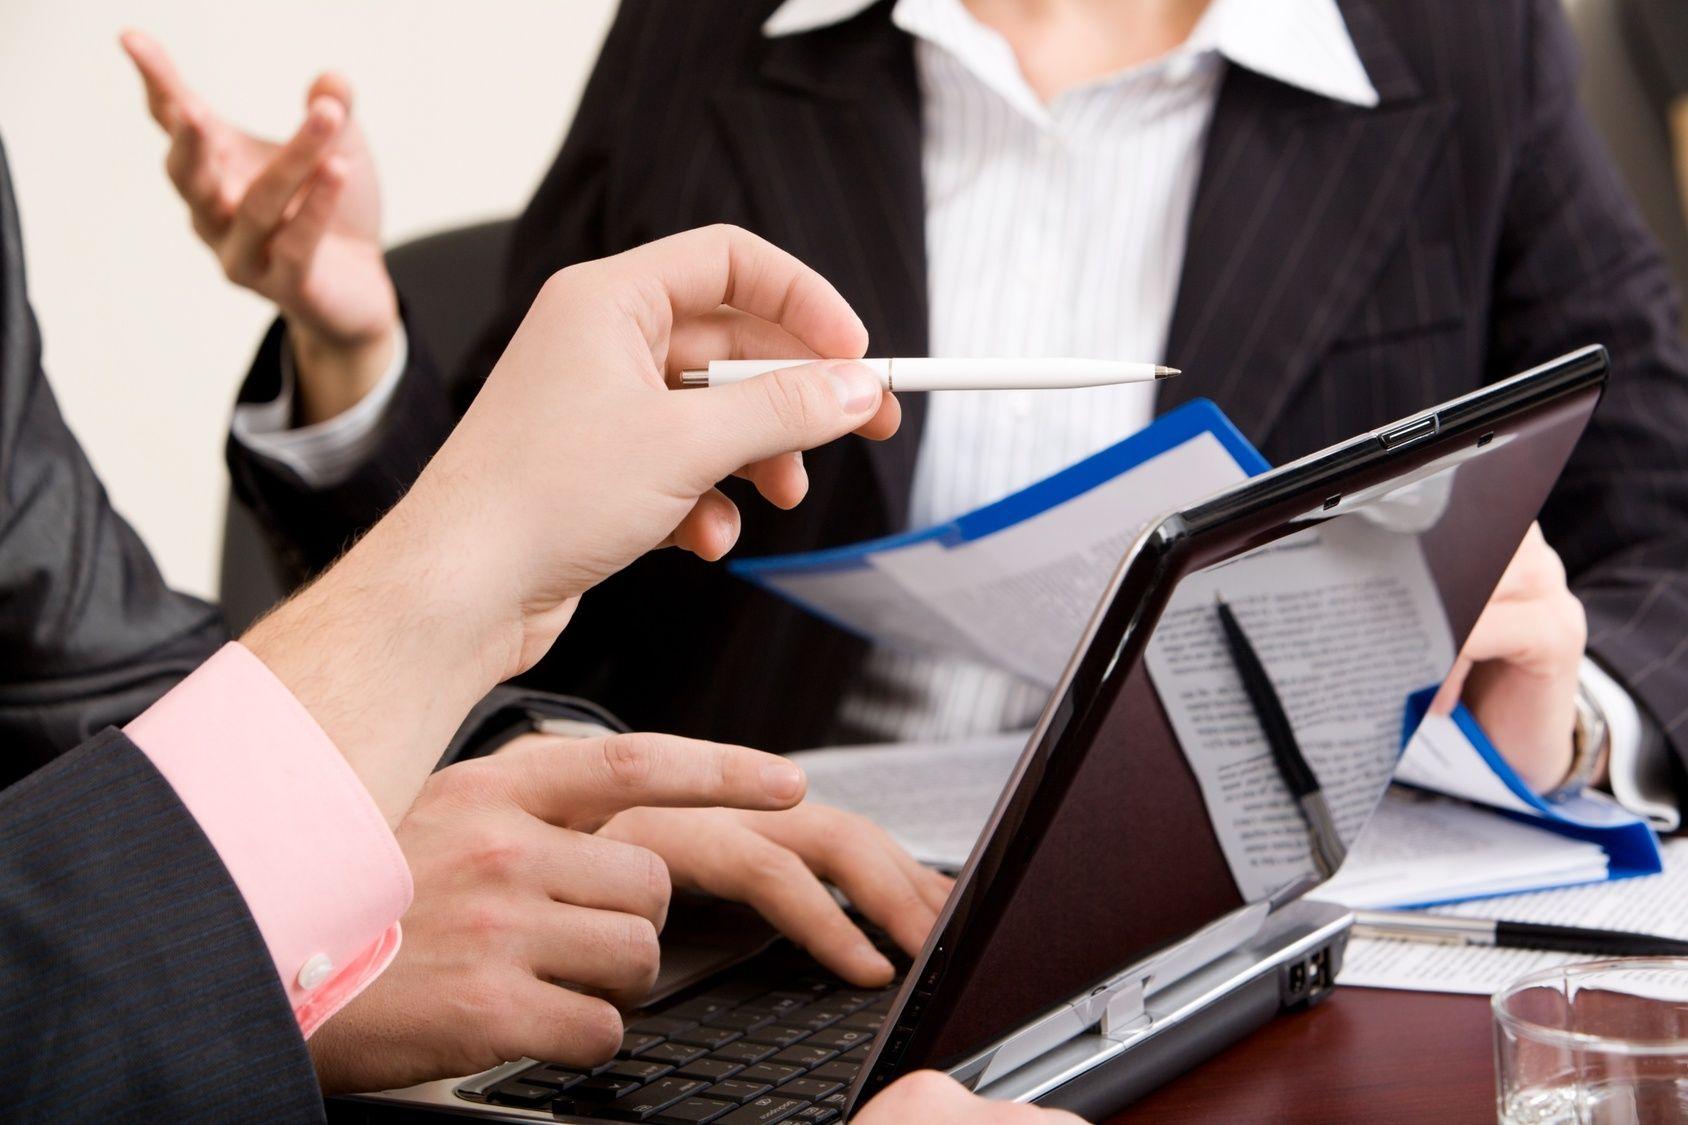 Gestion et comptabilité : des métiers qui ne connaissent pas la crise